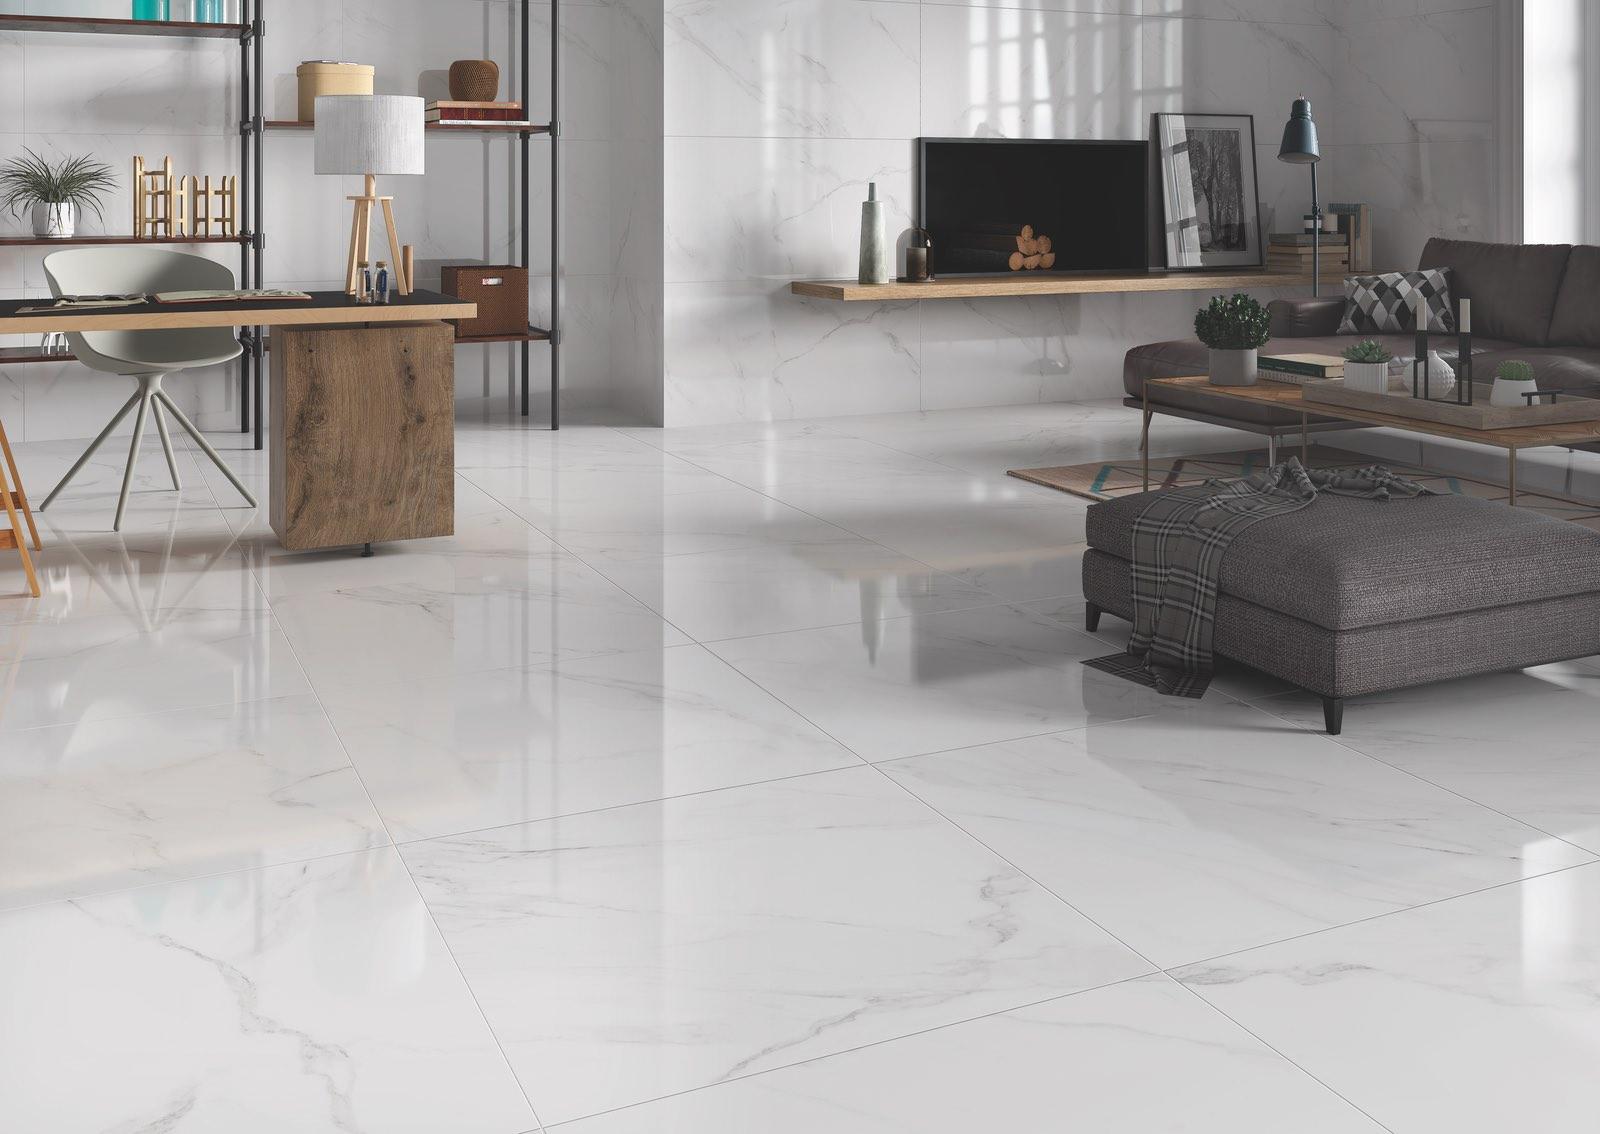 32x32 naos white polished tile tiles